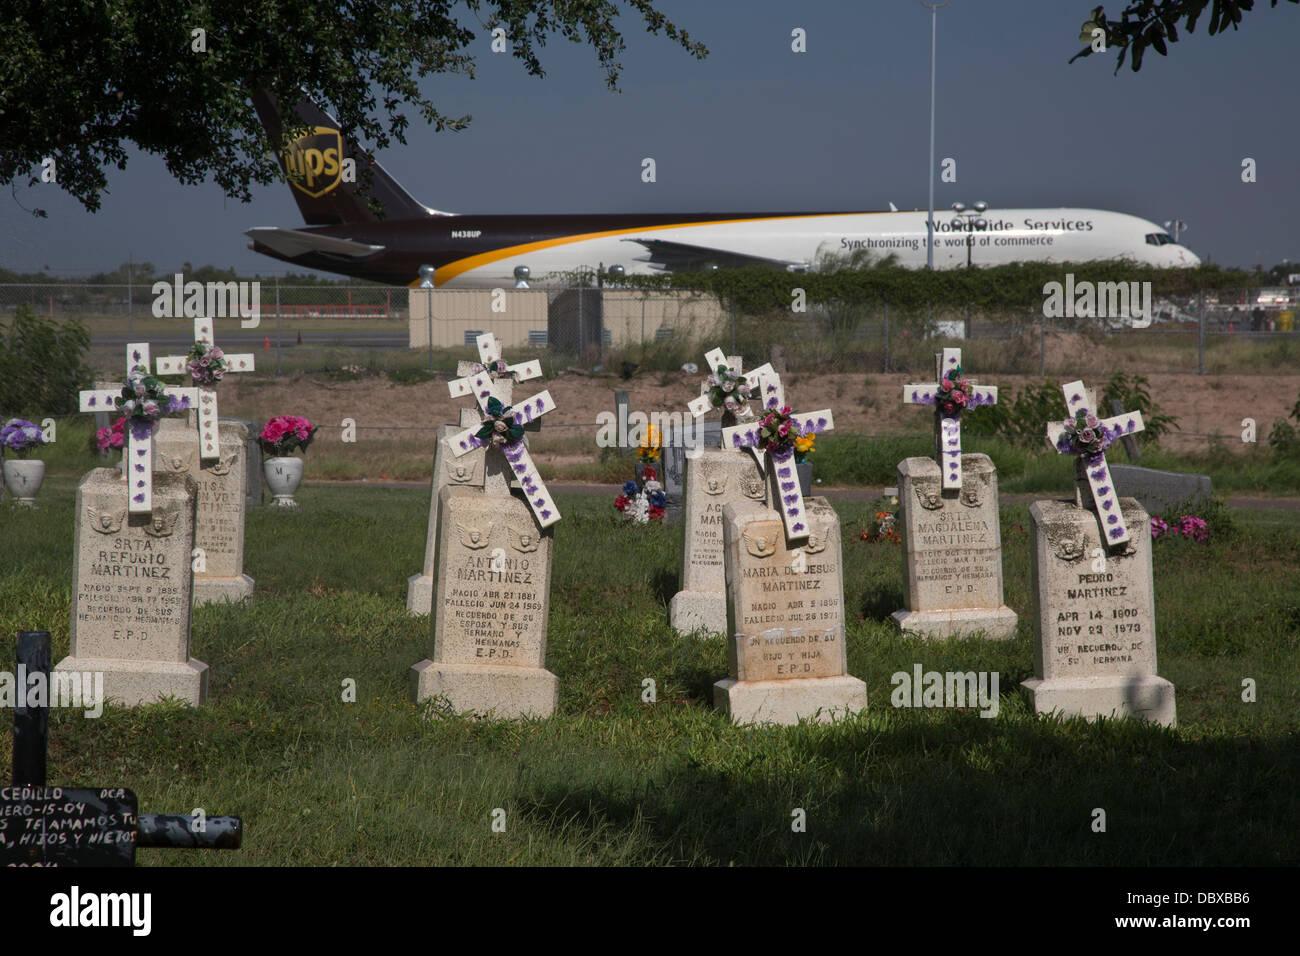 McAllen, Texas - La Piedad Friedhof, neben einem UPS Fracht Jet warten am Flughafen McAllen-Miller. Stockbild